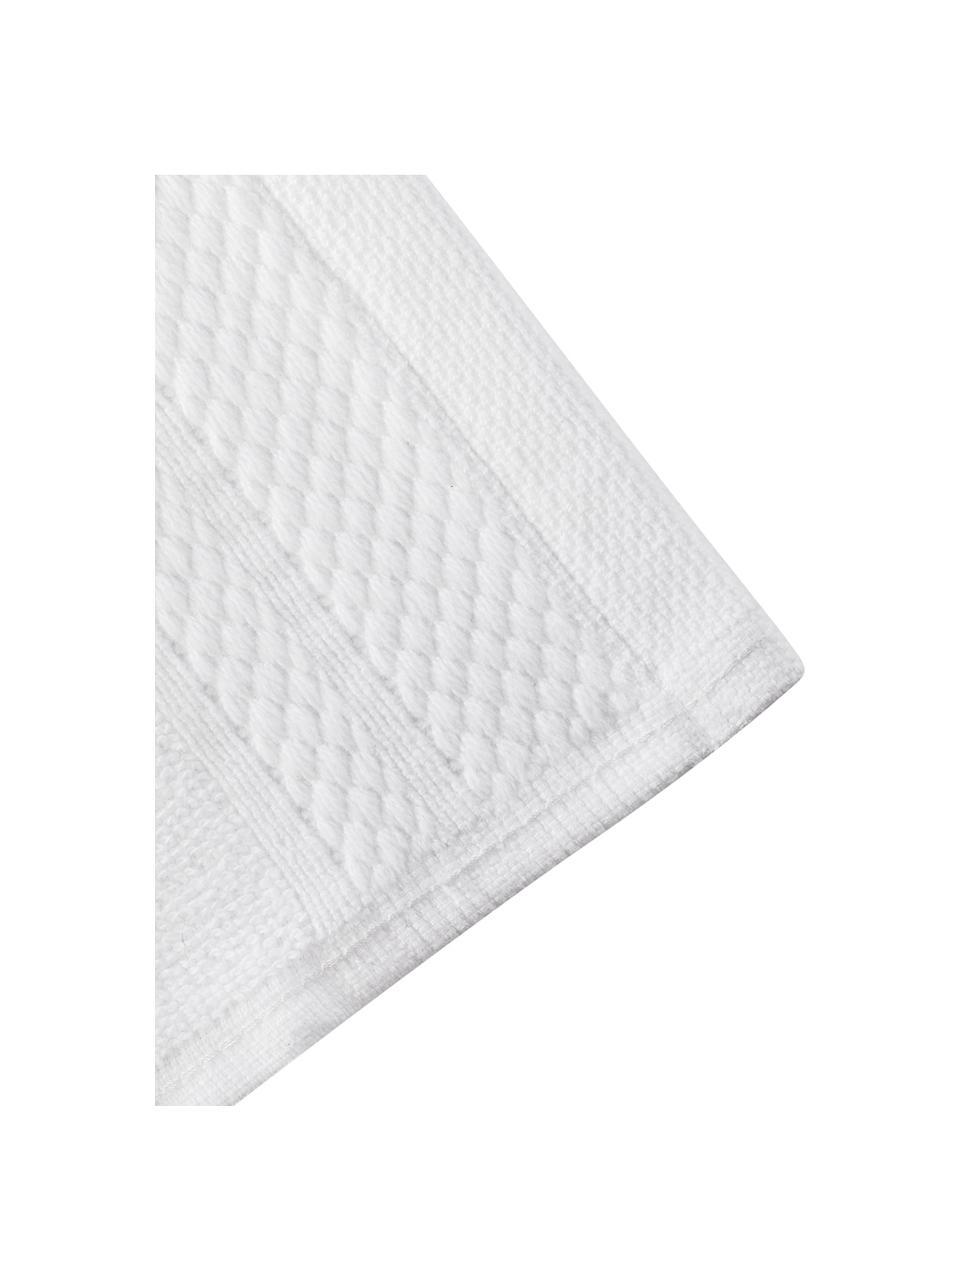 Ręcznik Premium, różne rozmiary, Biały, Ręcznik dla gości XS